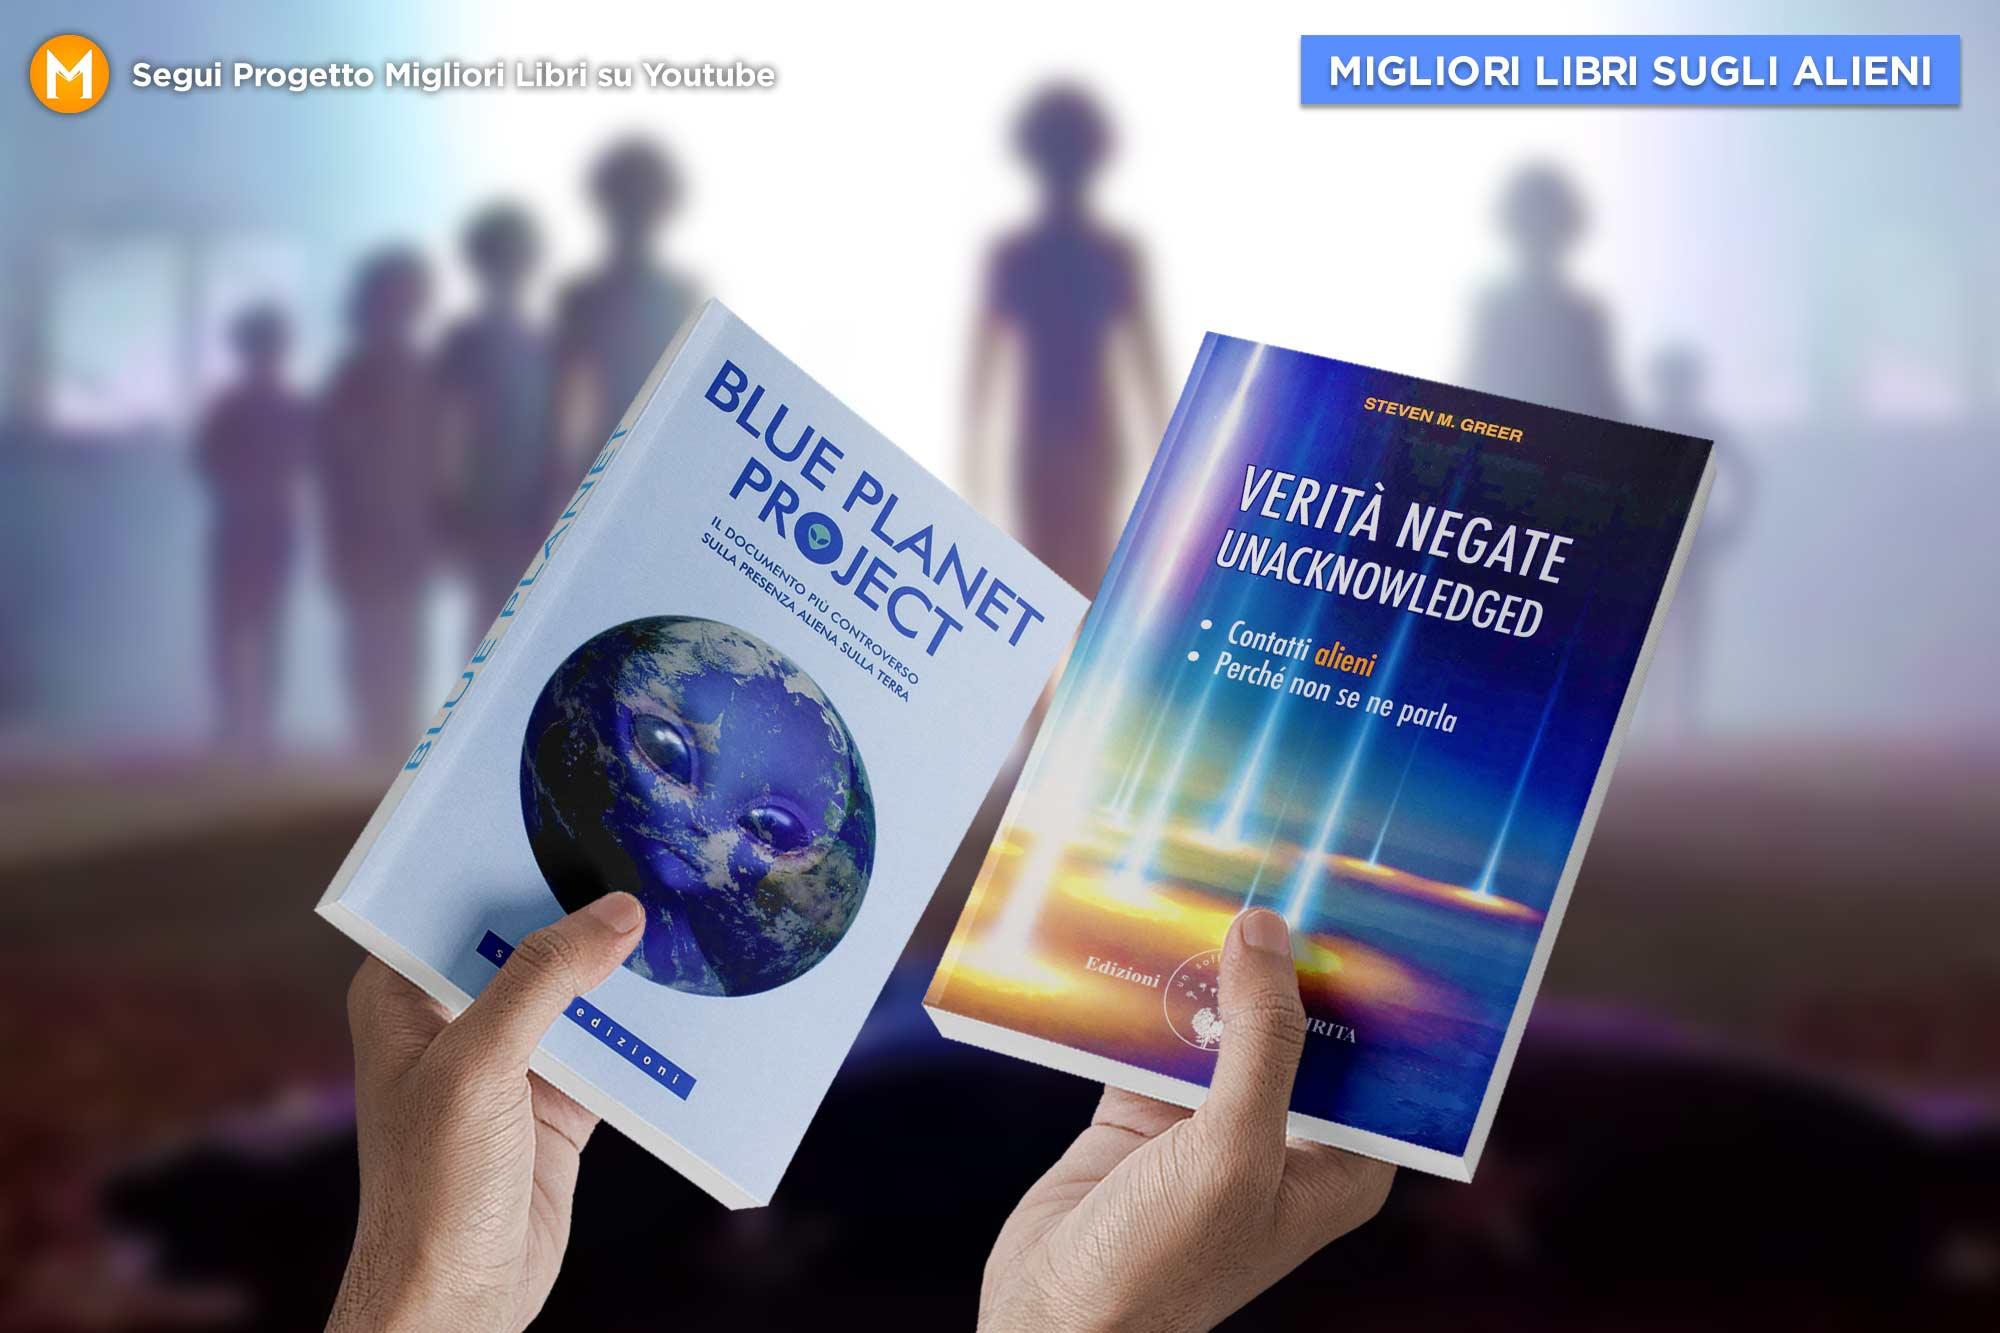 migliori-libri-sugli-alieni